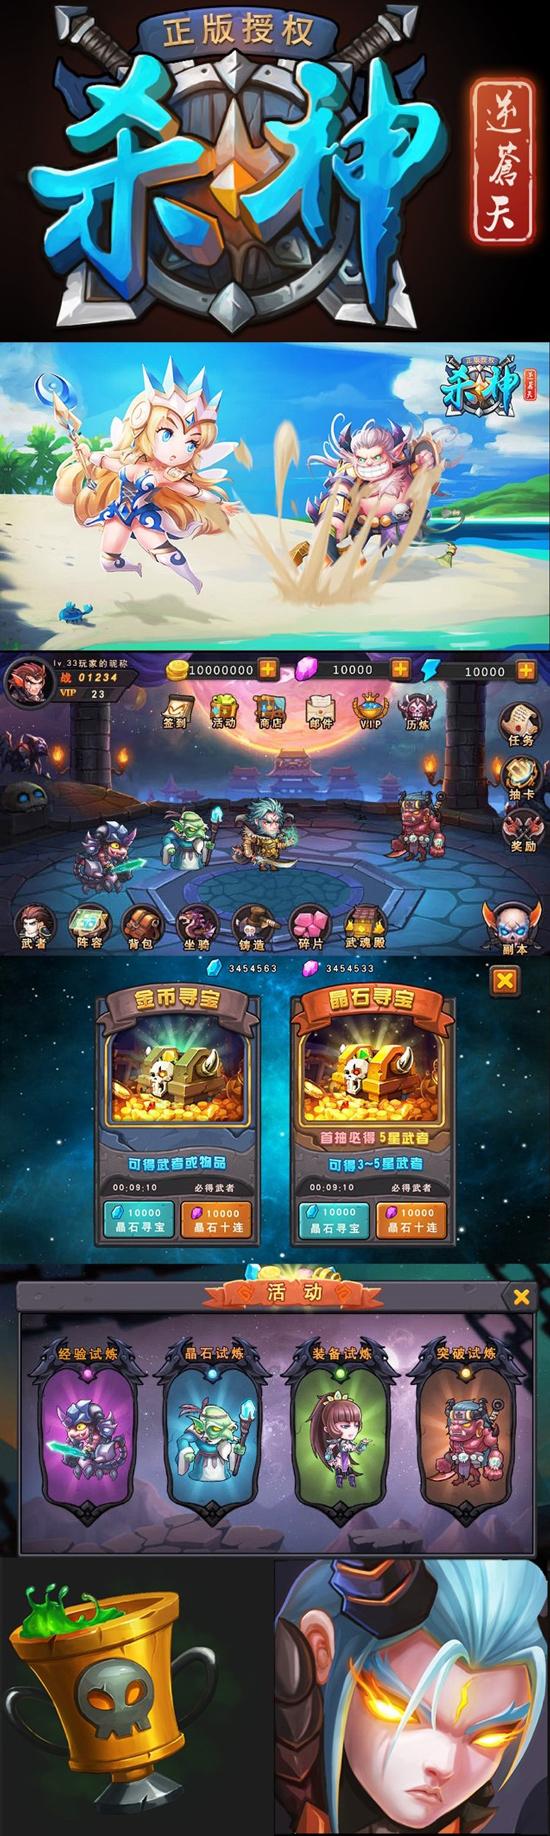 独立游戏制作人李鹏飞:游戏UI大揭密